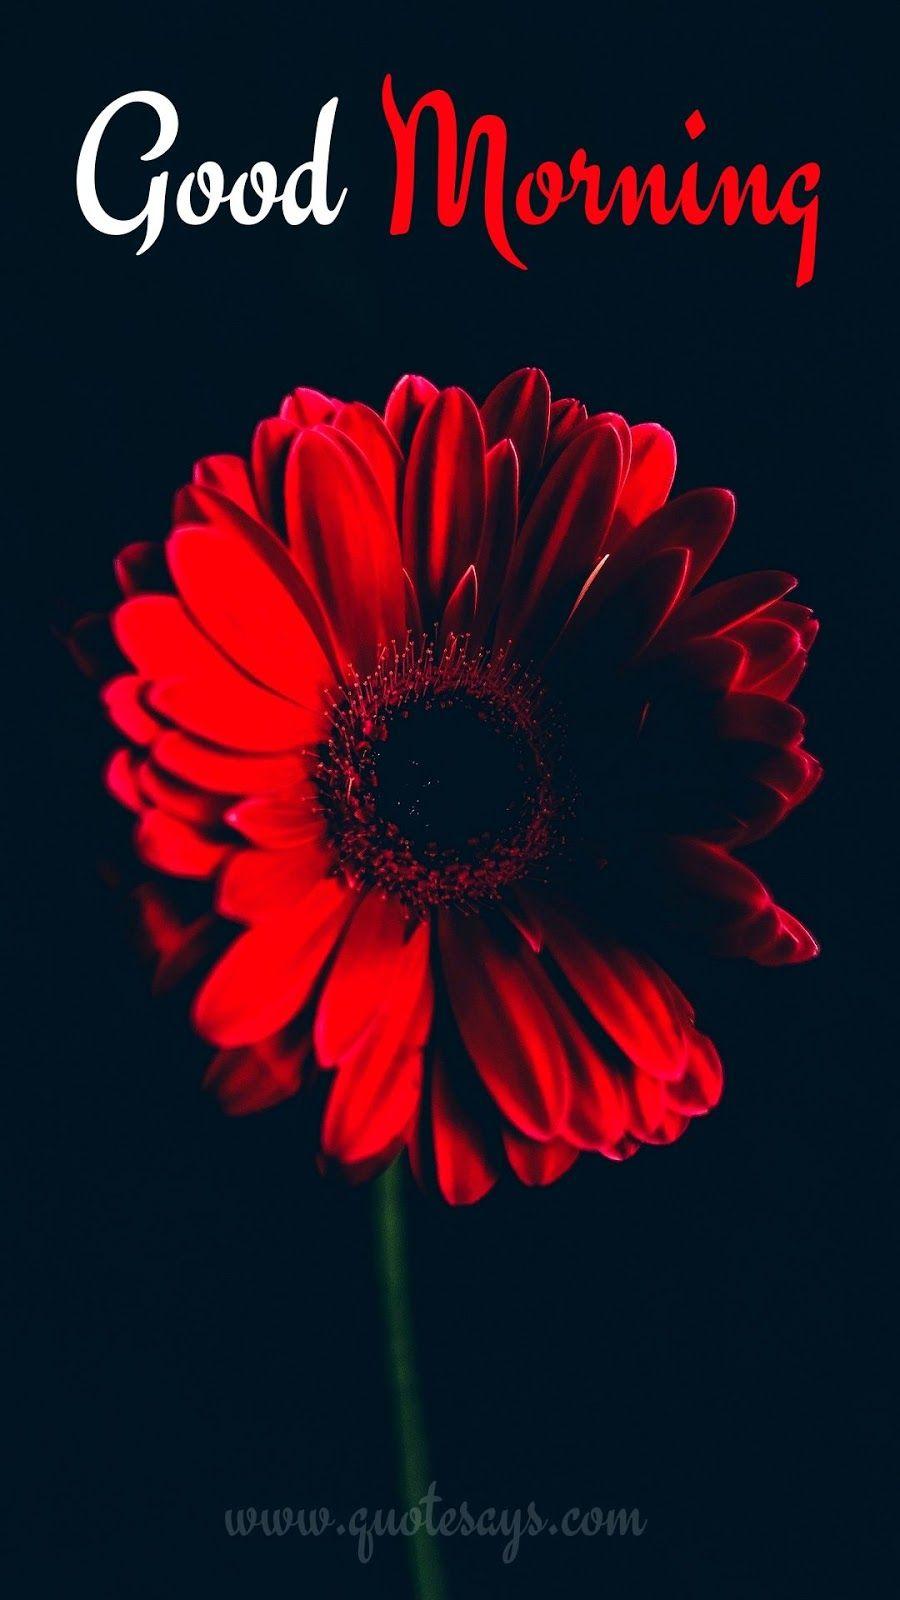 Good Morning Flower Flower Iphone Wallpaper Red Flower Wallpaper Iphone Background Red Flower wallpaper good morning